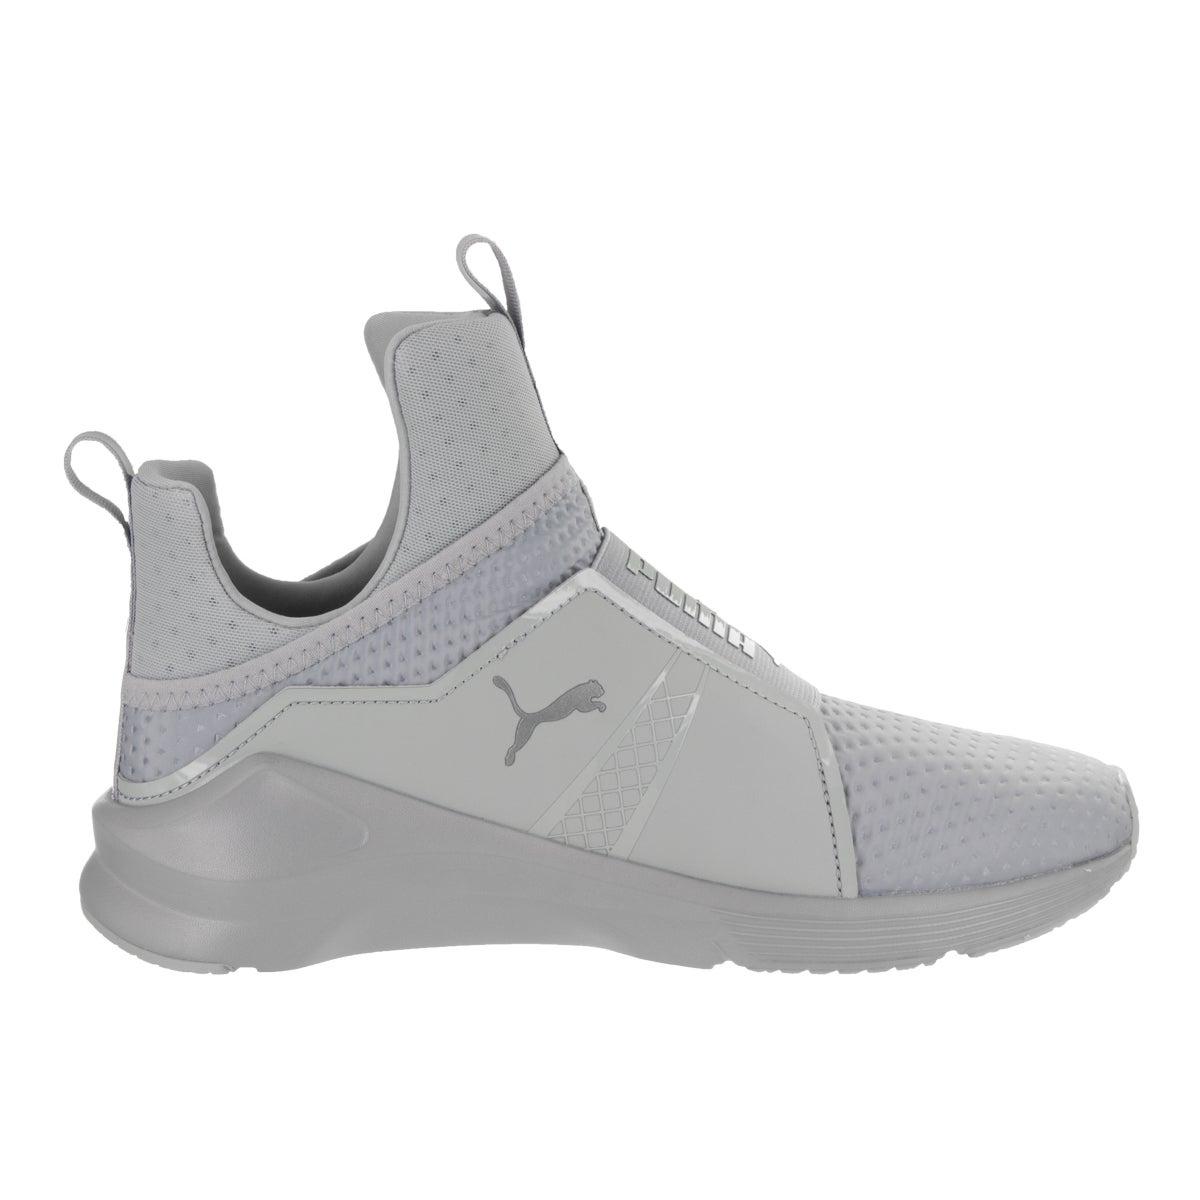 0b64572da998cf Shop Puma Women s Fierce Quilted Training Shoe - Free Shipping Today -  Overstock.com - 16342739